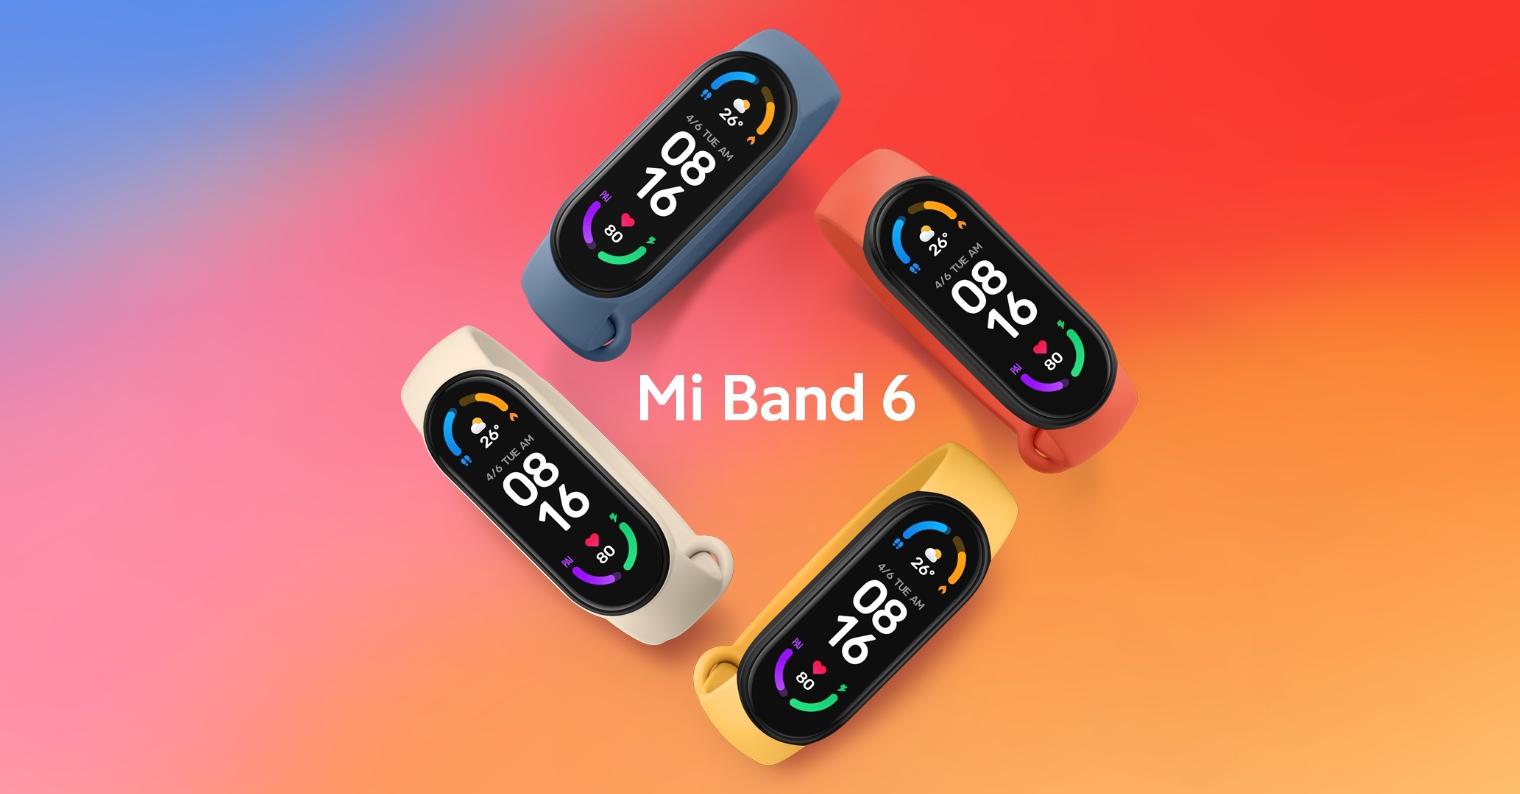 1520_794_Xiaomi_Mi_Band_6